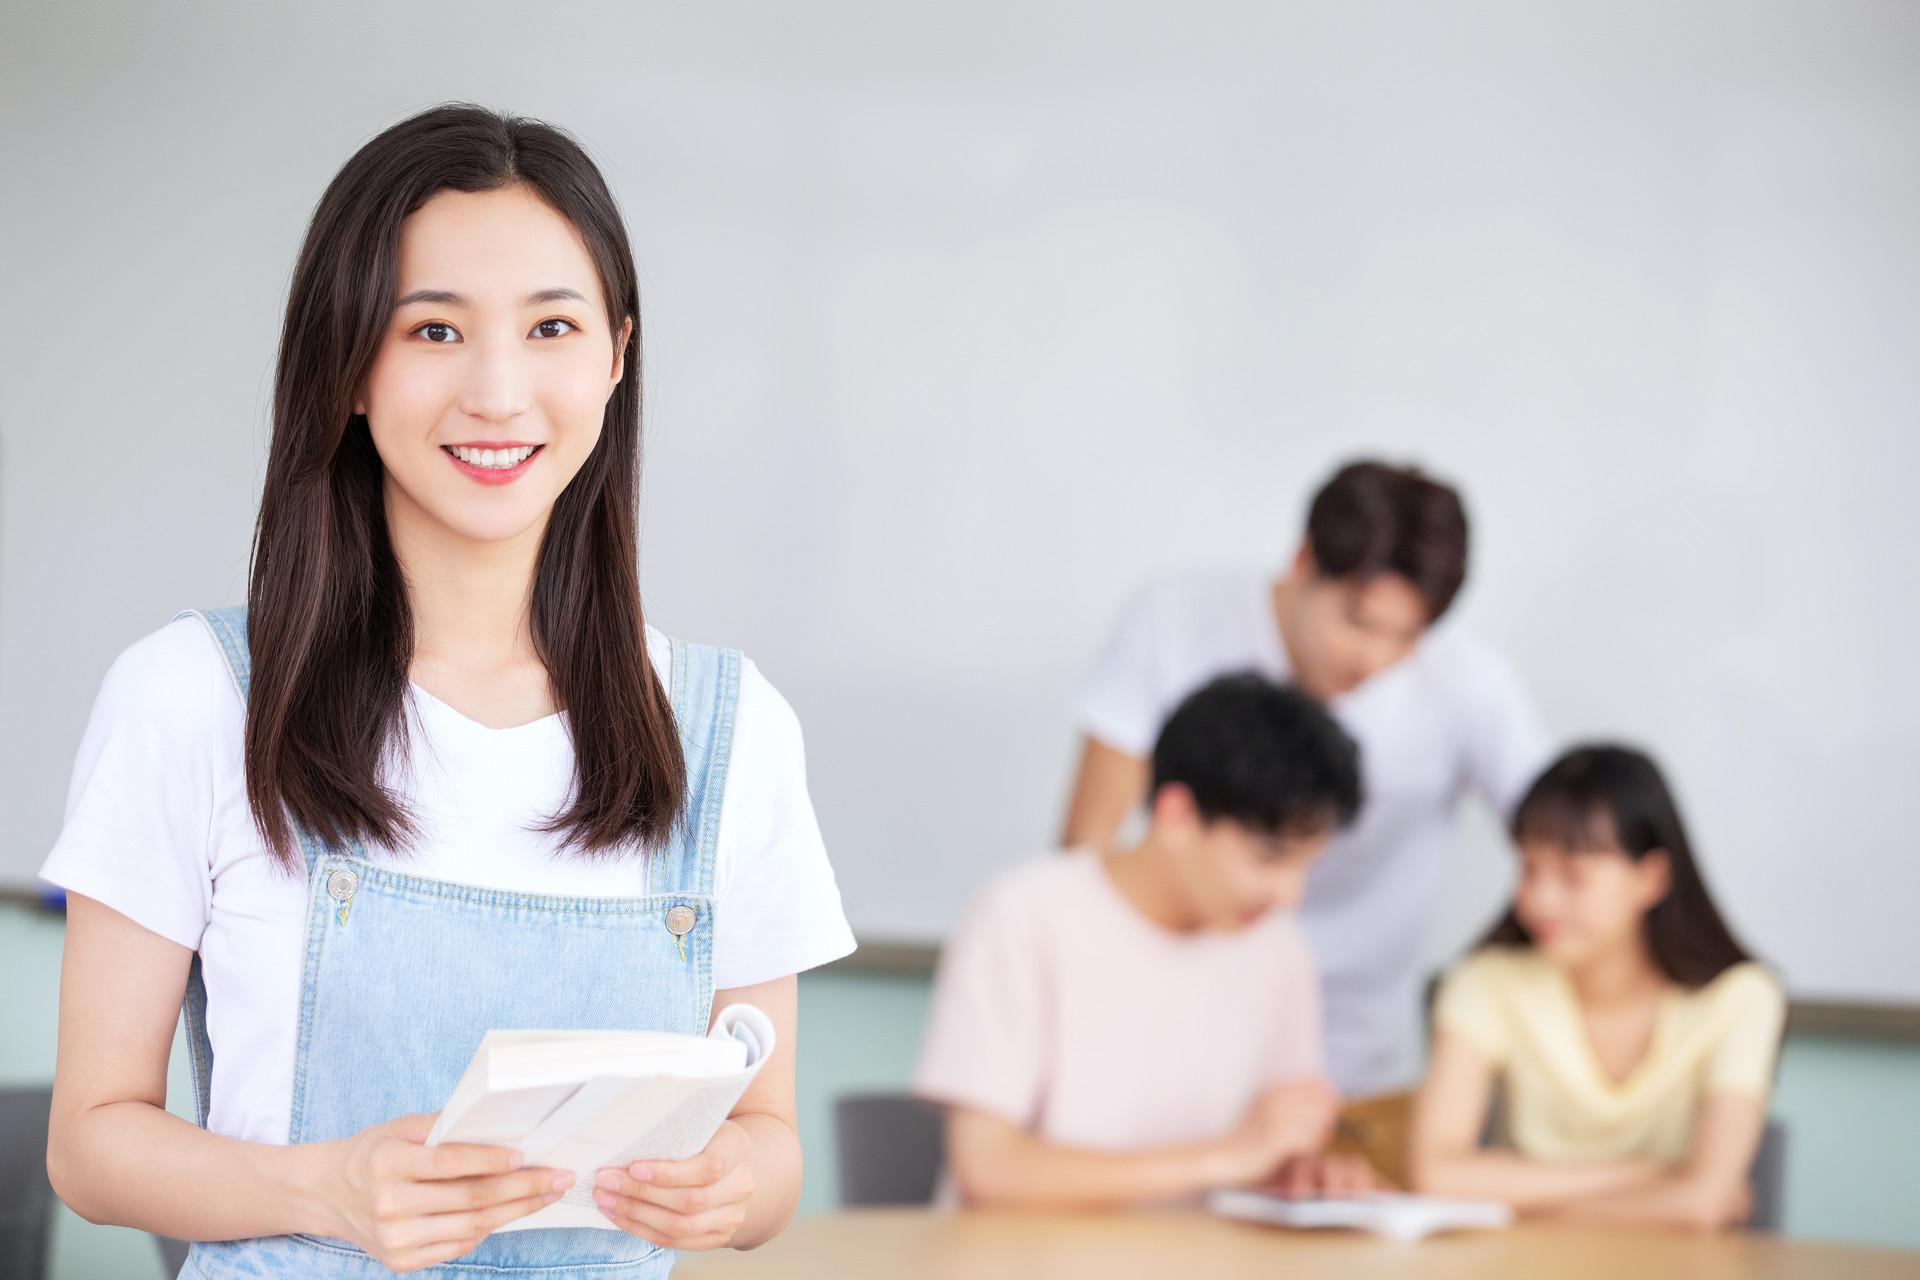 广东实验中学国际艺术高中部怎么备考